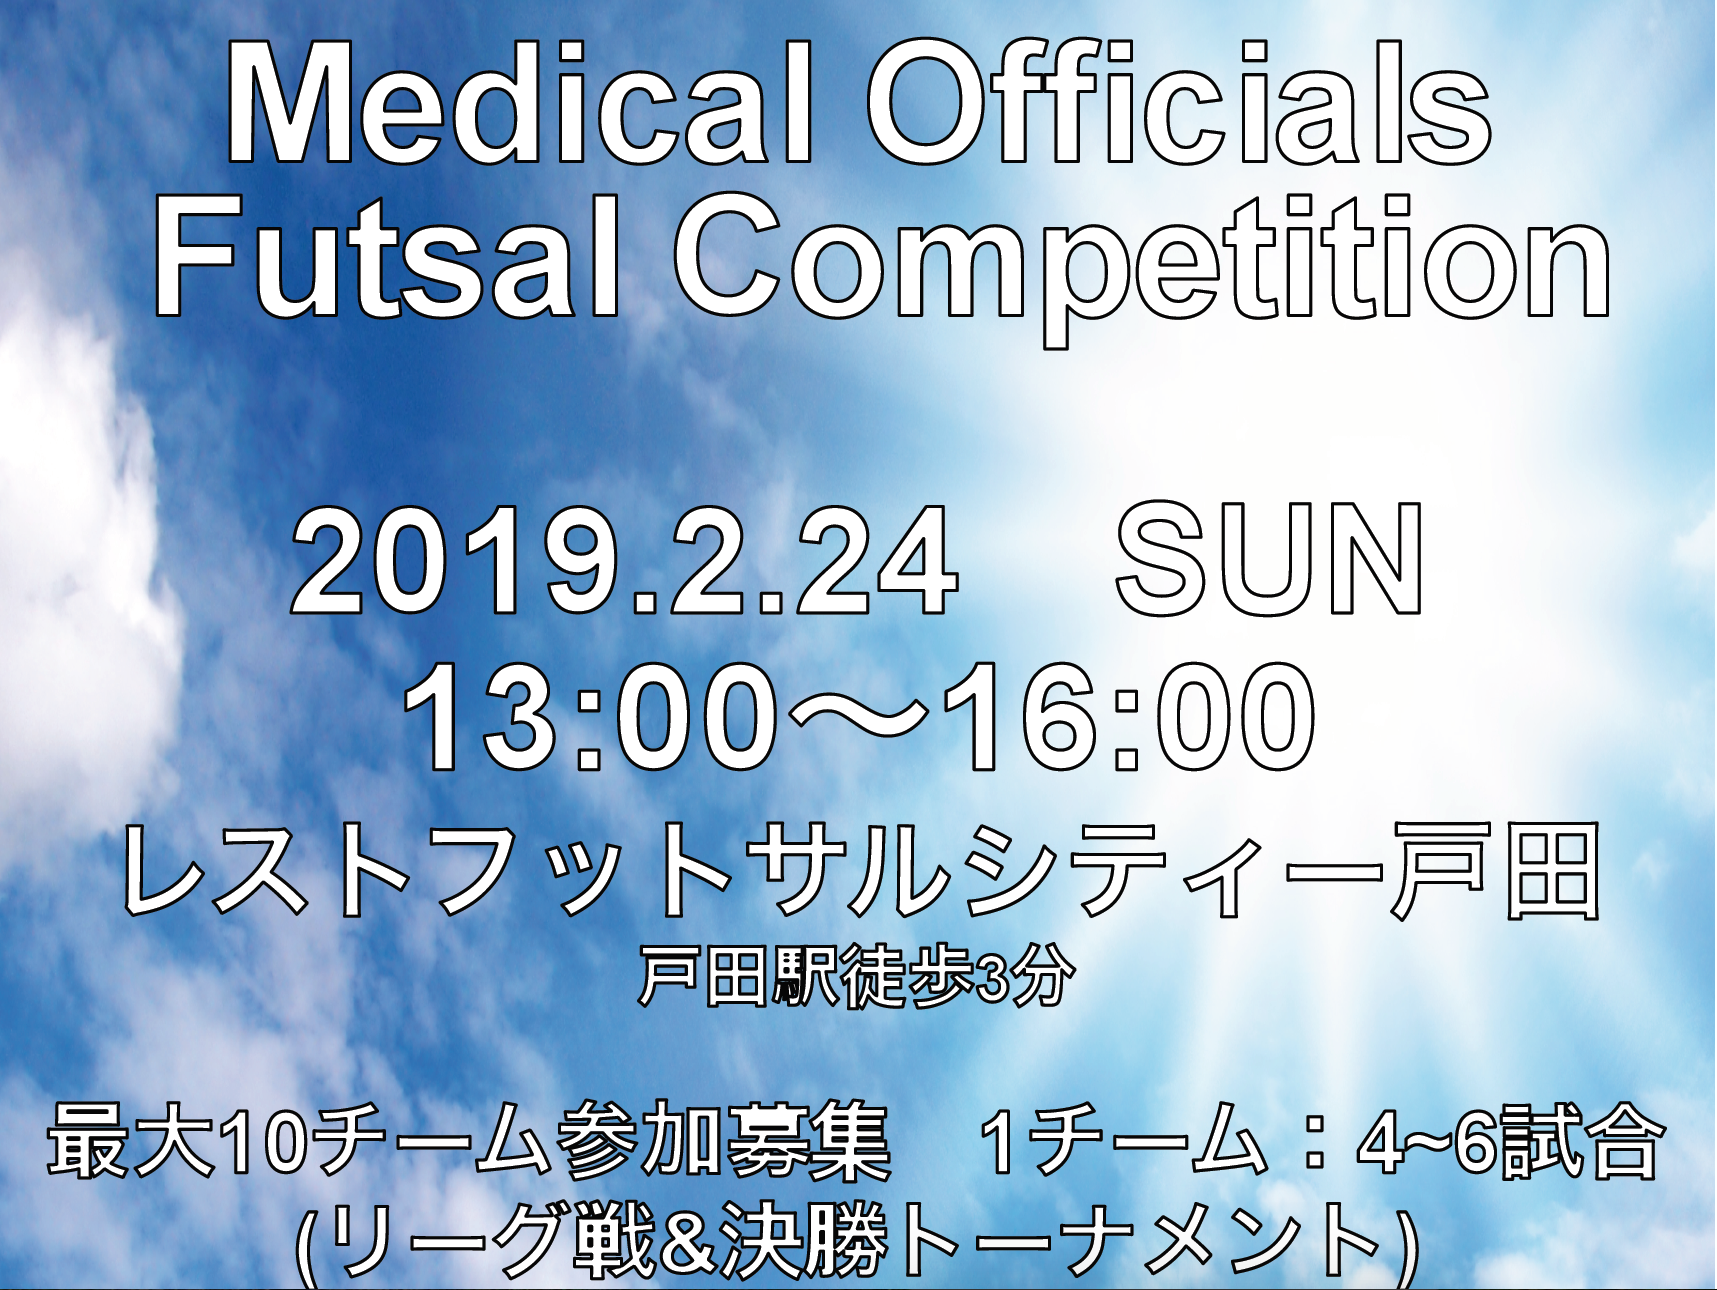 第2回医療交流フットサル大会開催!!!